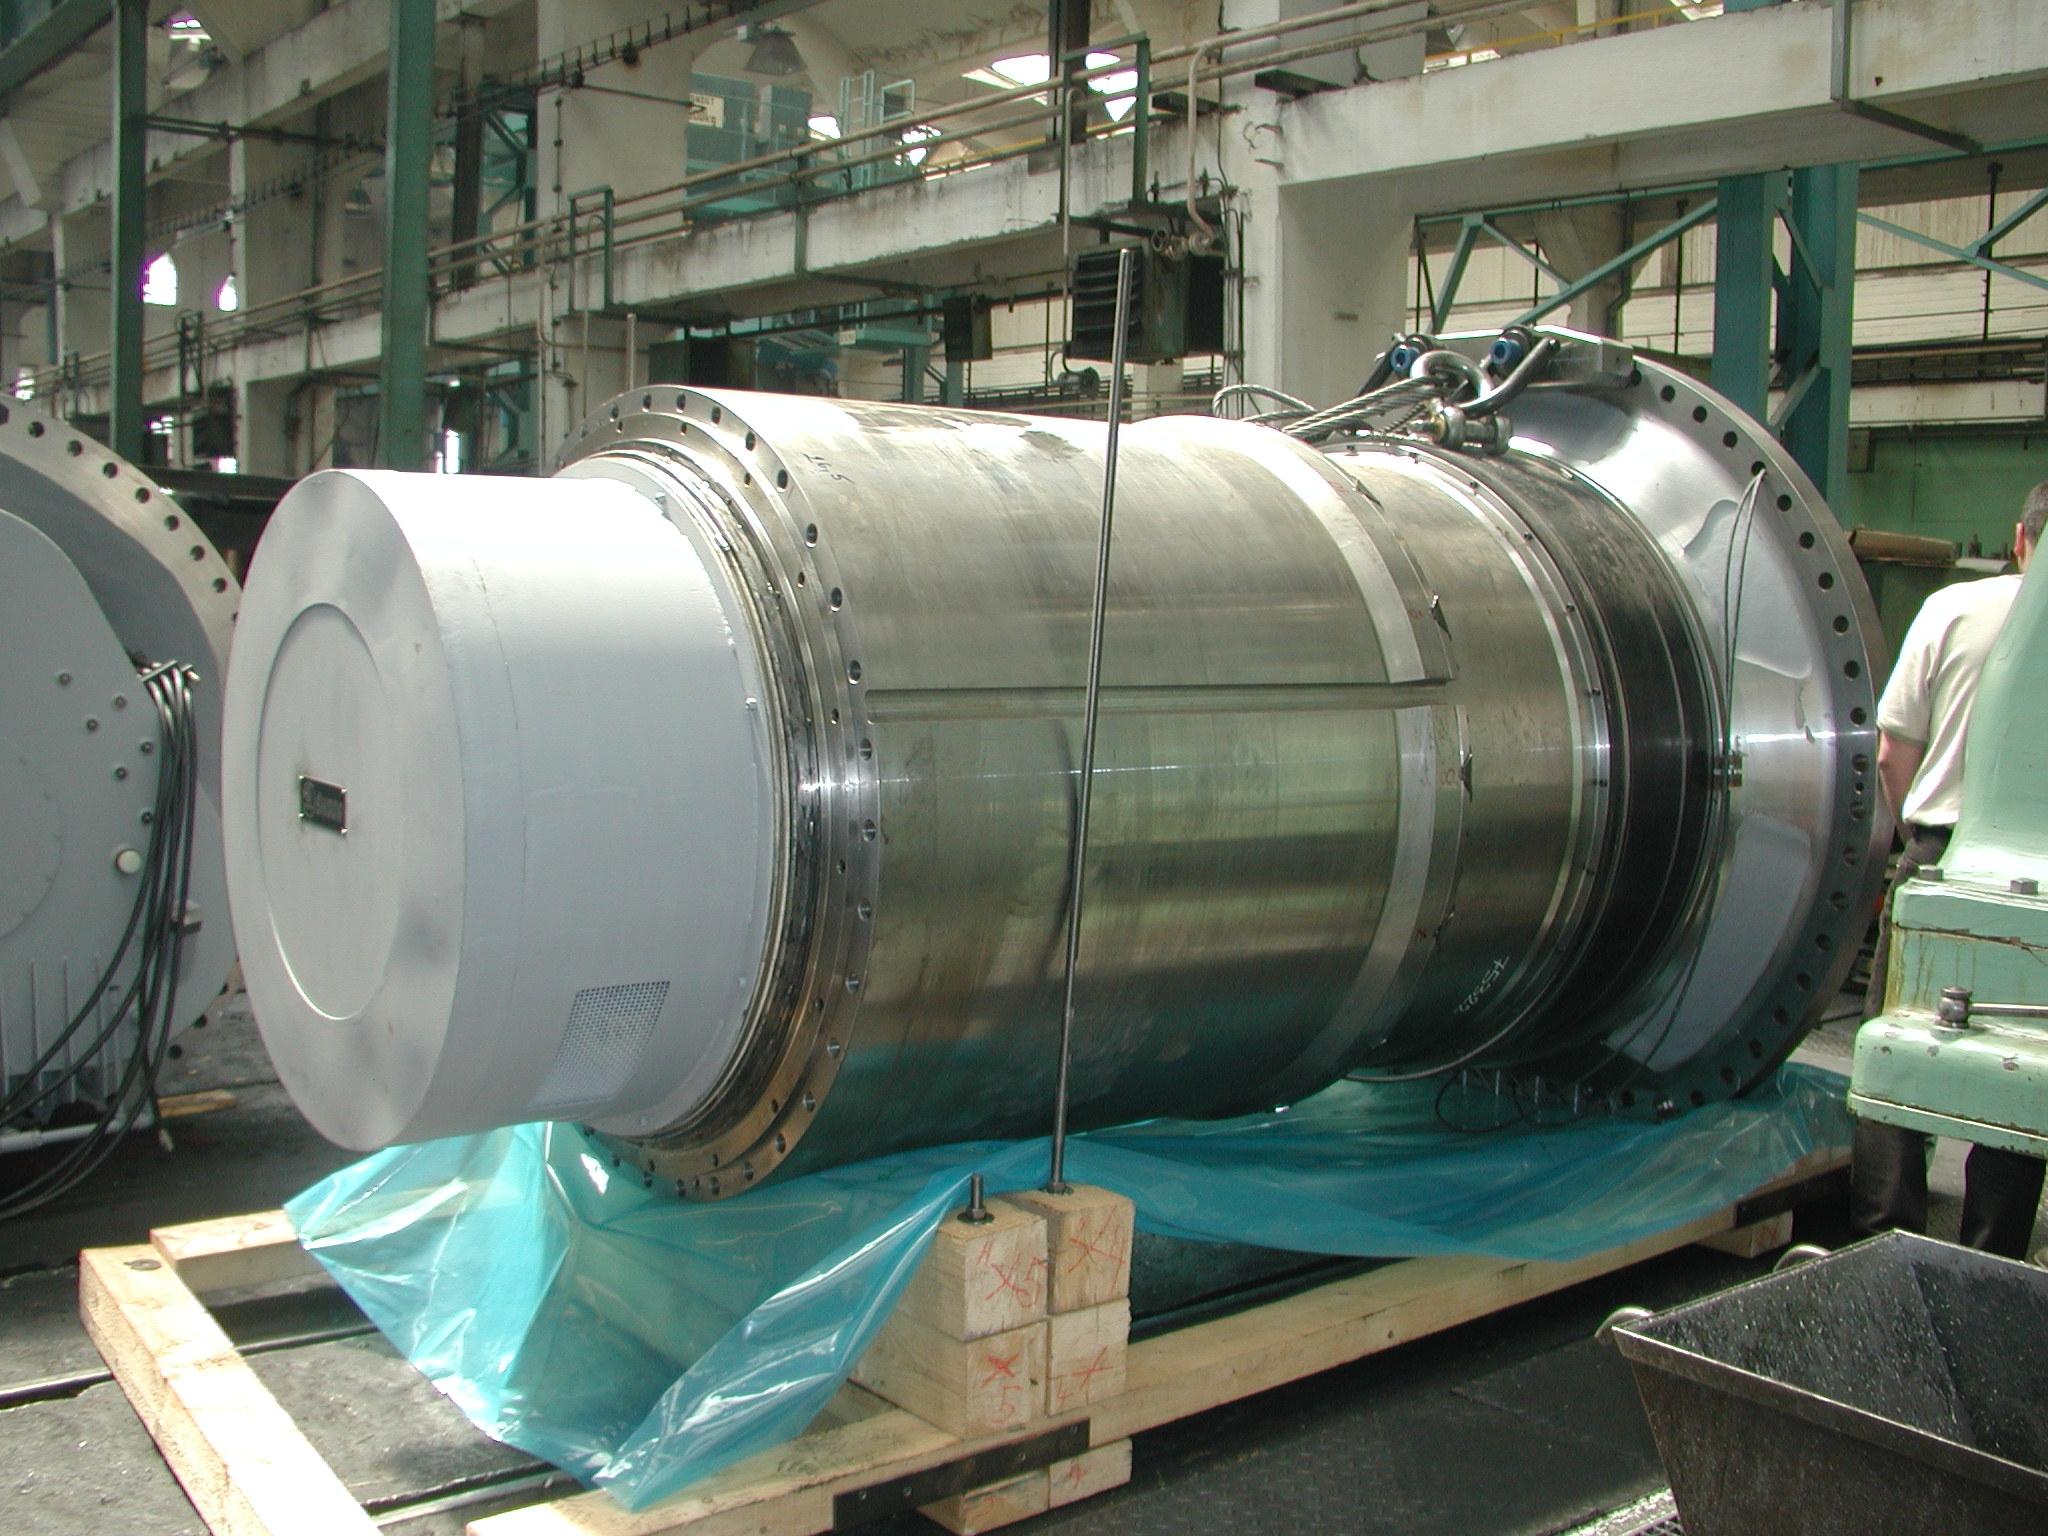 Strojírenský prvek během procesu balení